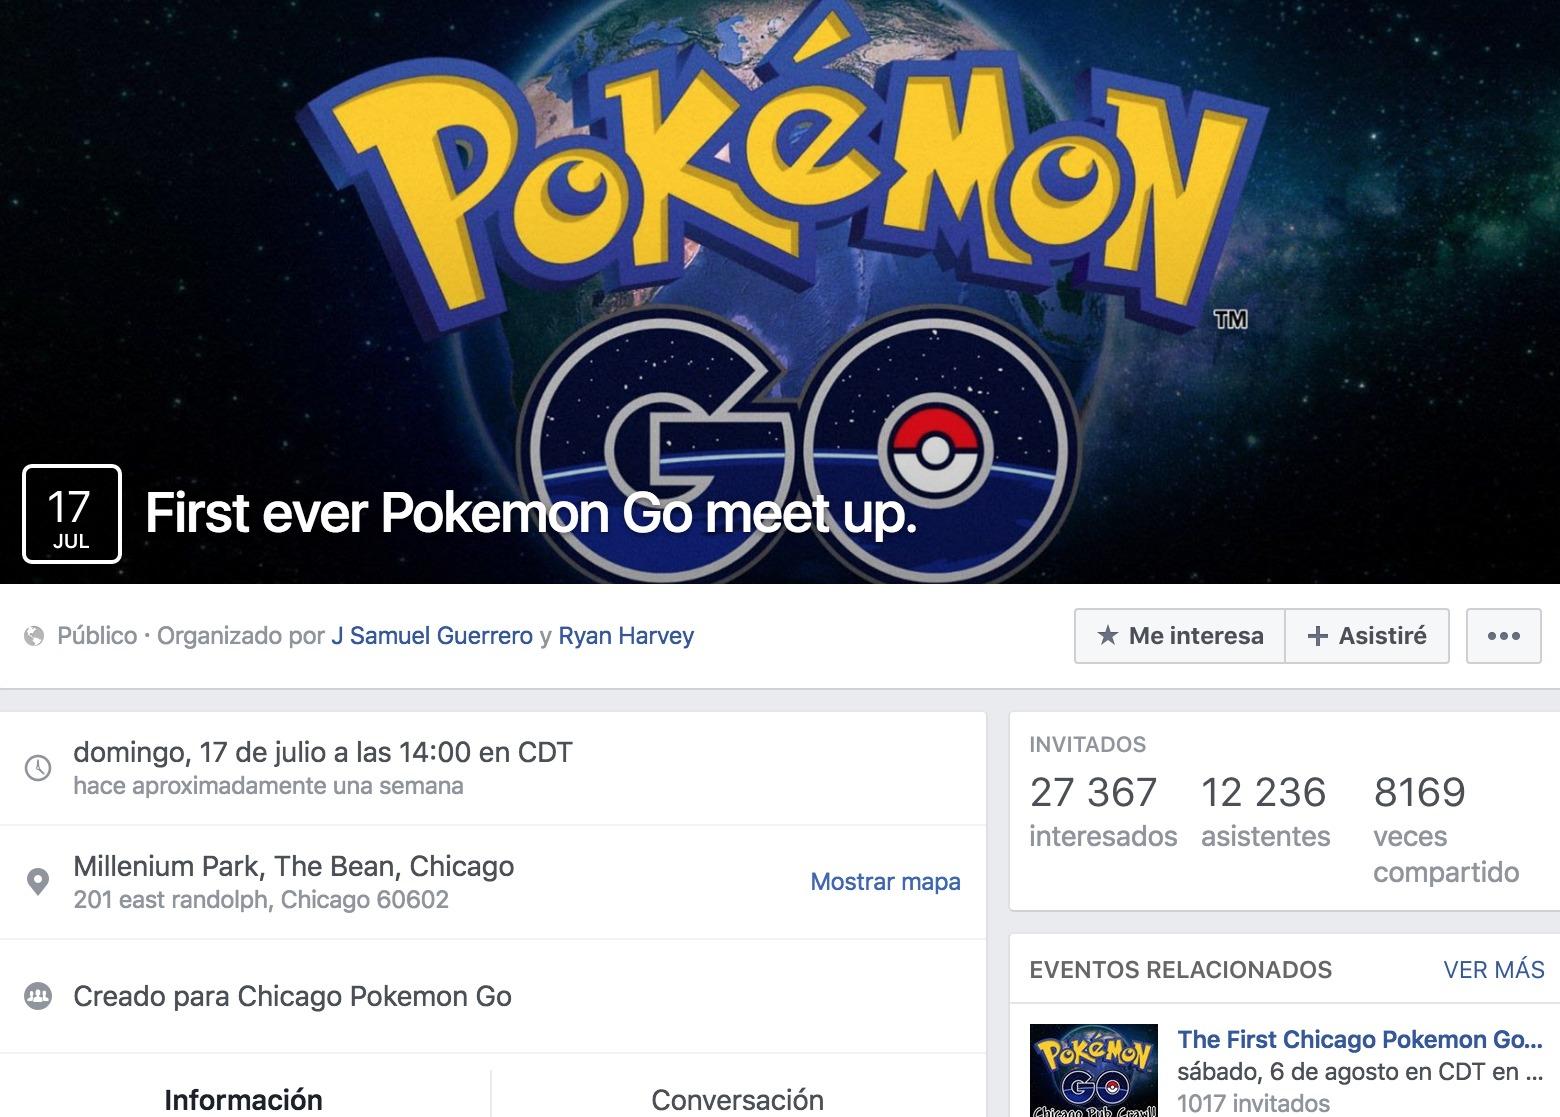 Fiesta de Pokémon Go en un restaurante